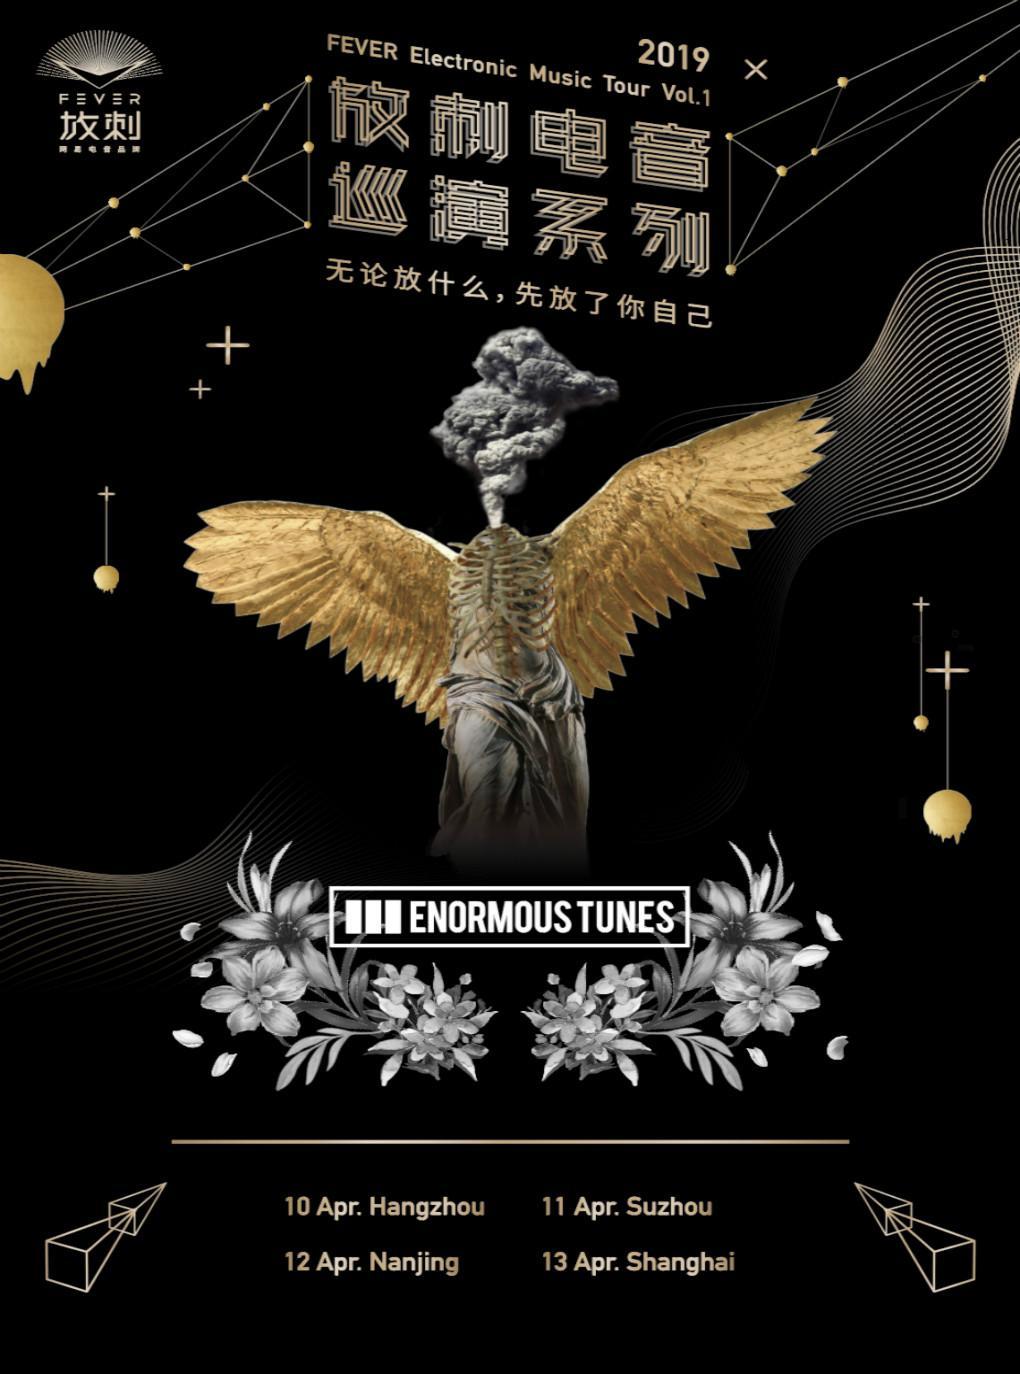 网易放刺电音巡演系列 杭州站